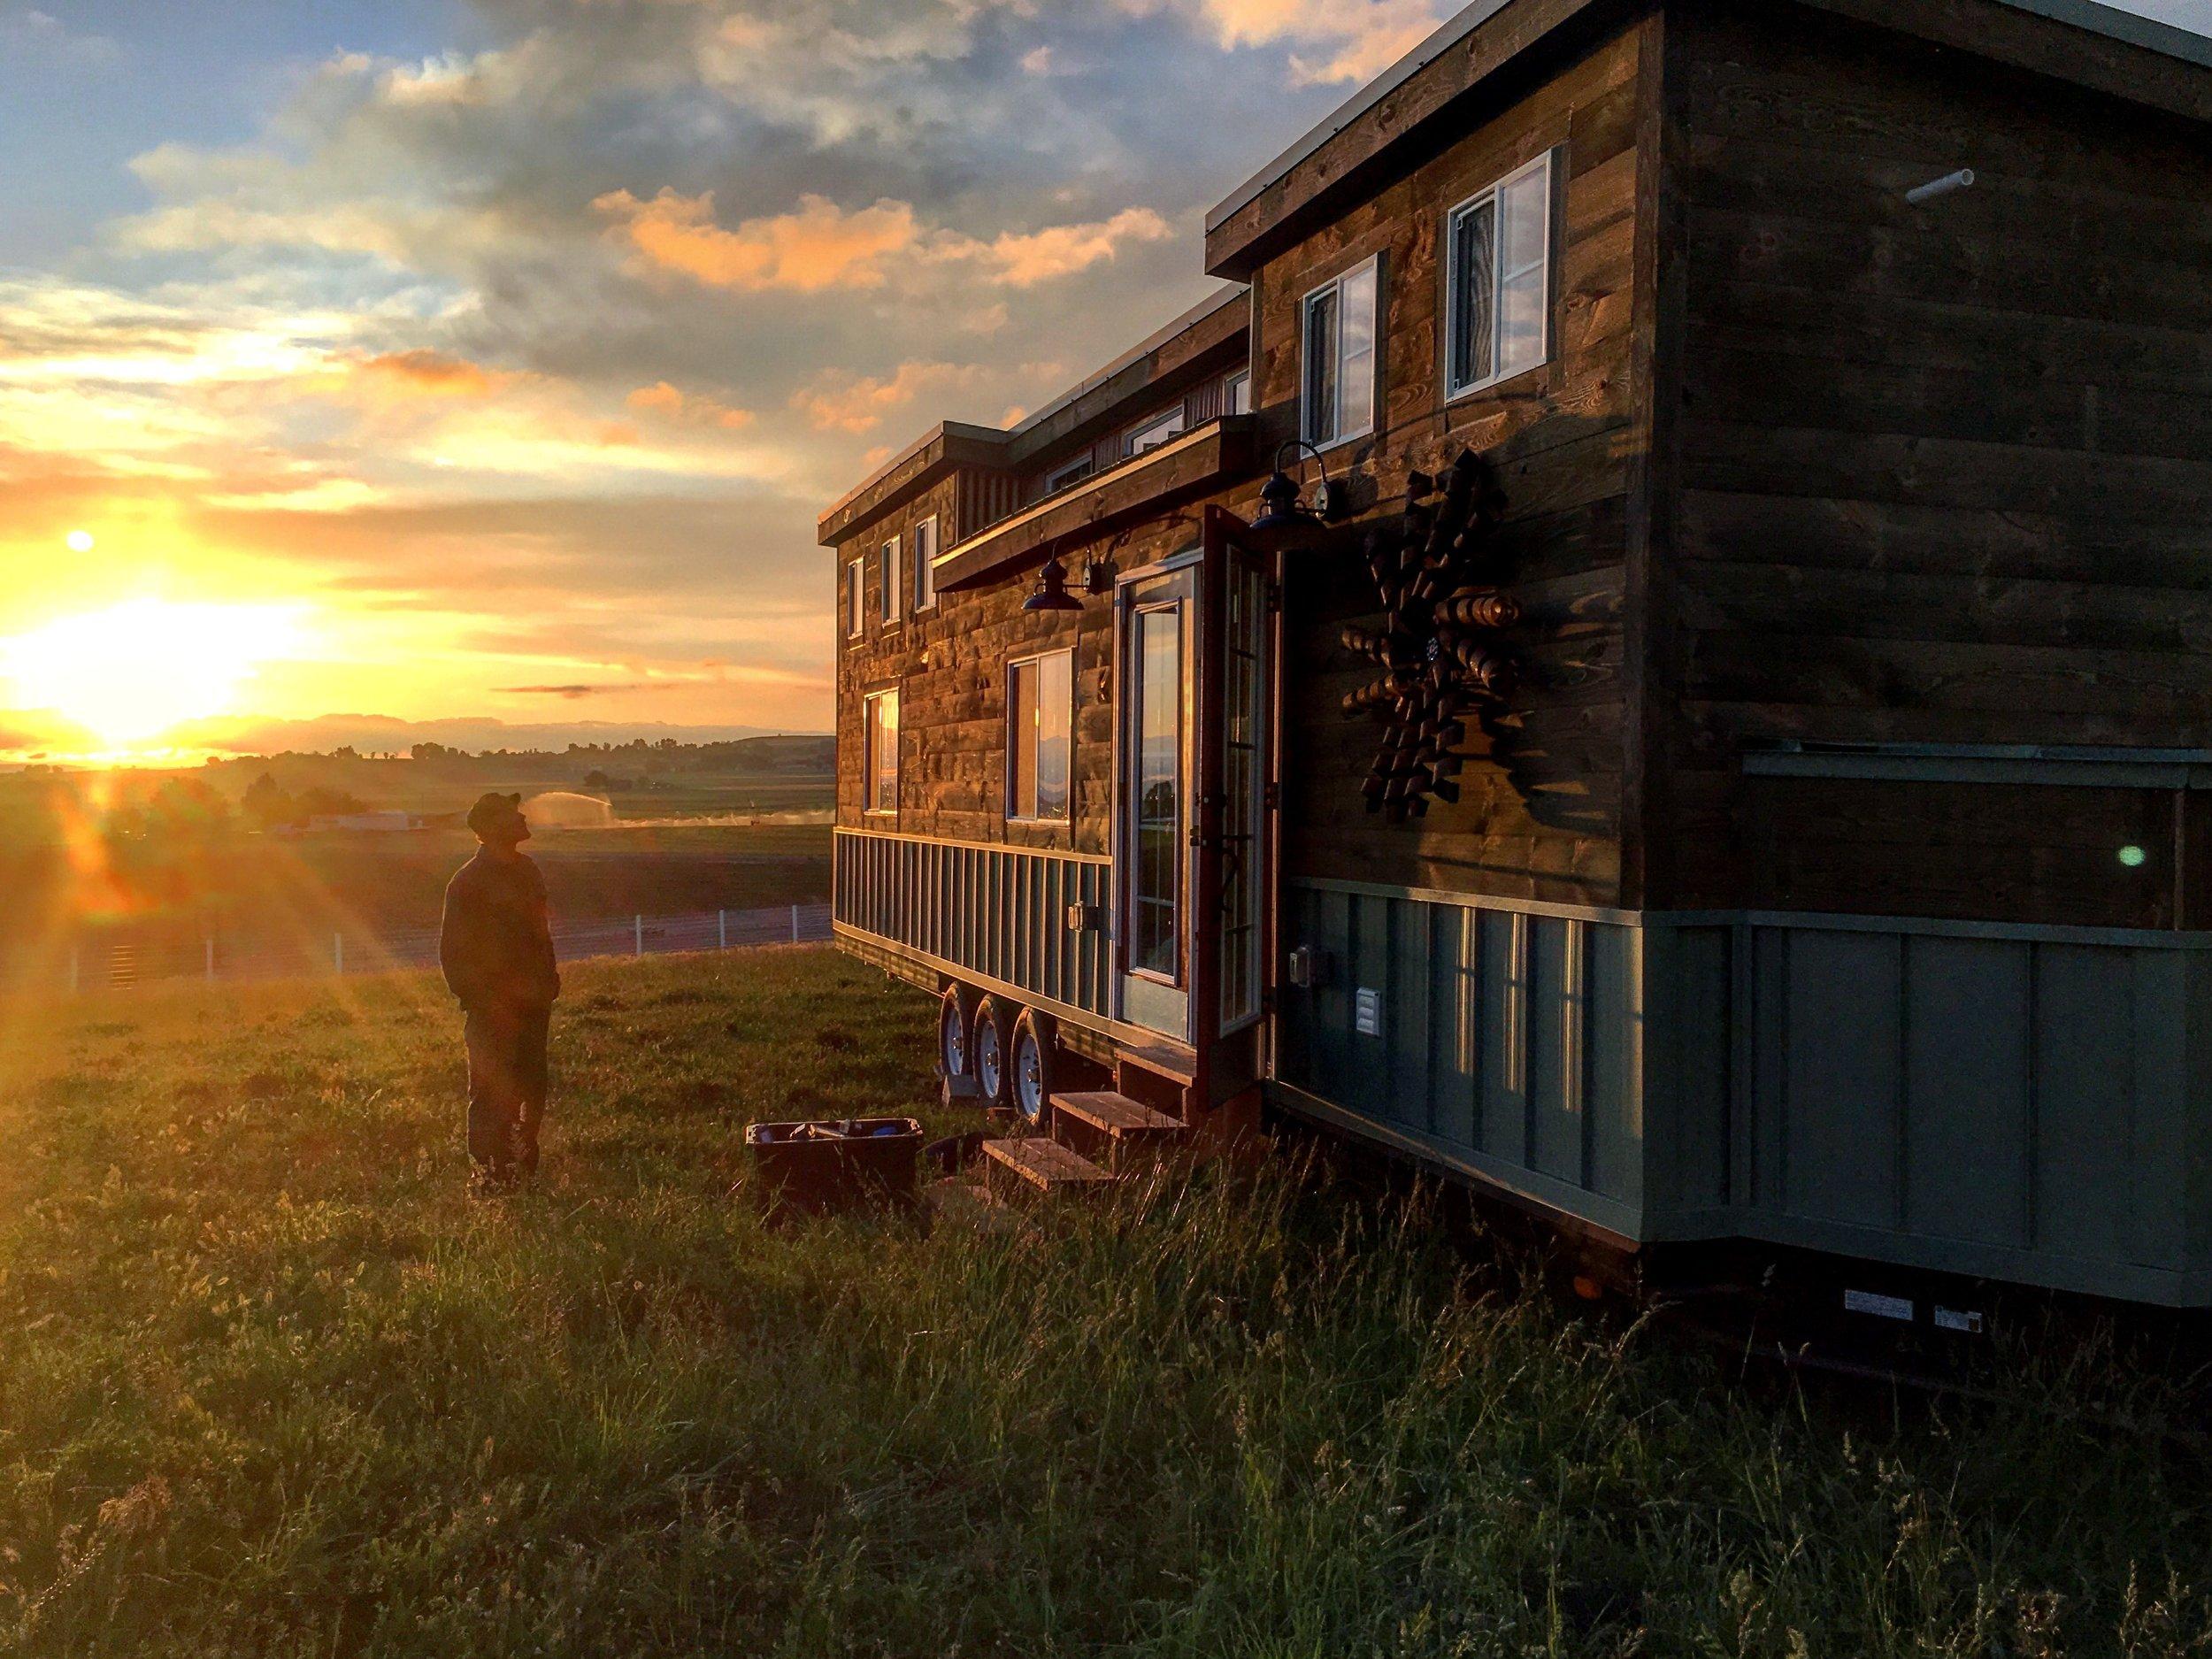 Photo Credit: David Woodson, Tiny House Nation